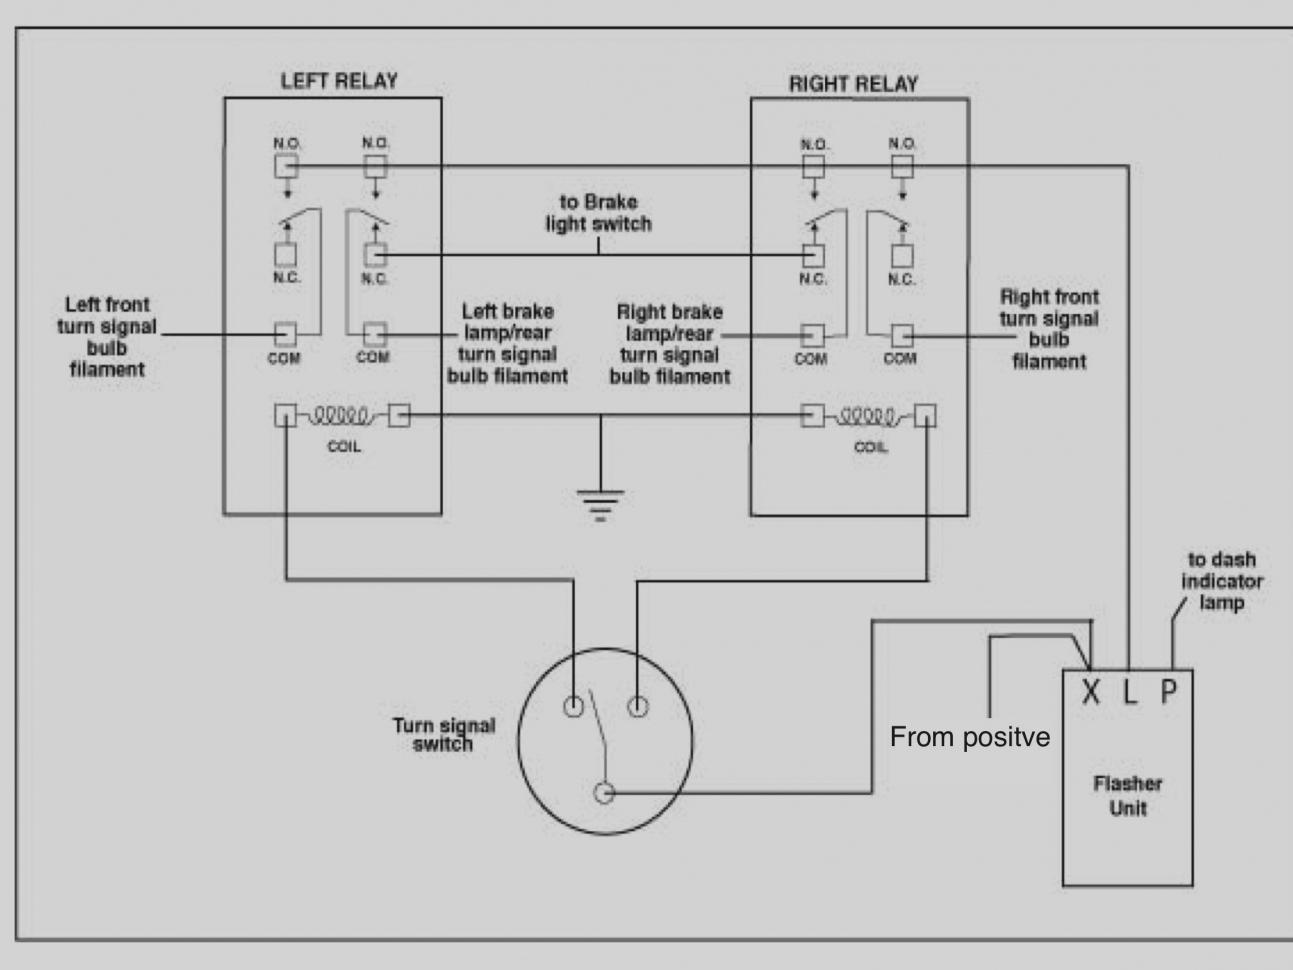 8f842 X10 Switch Wiring Diagram